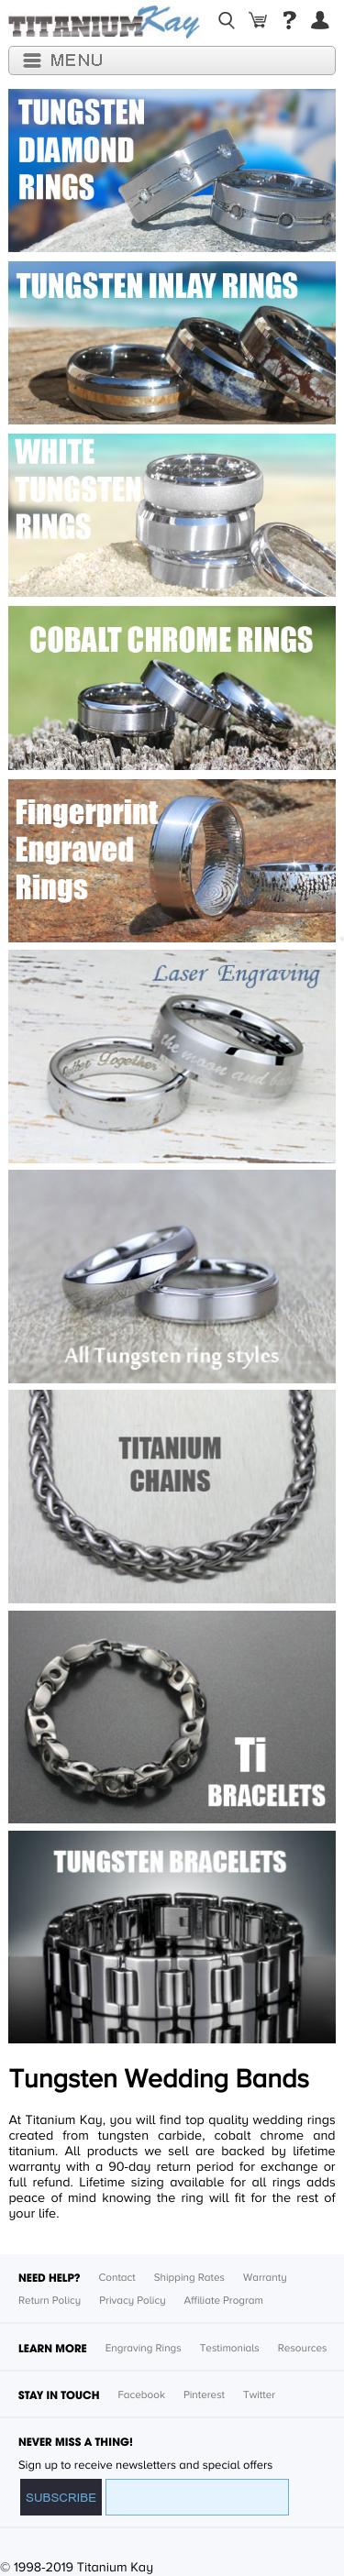 Titanium Kay Coupon